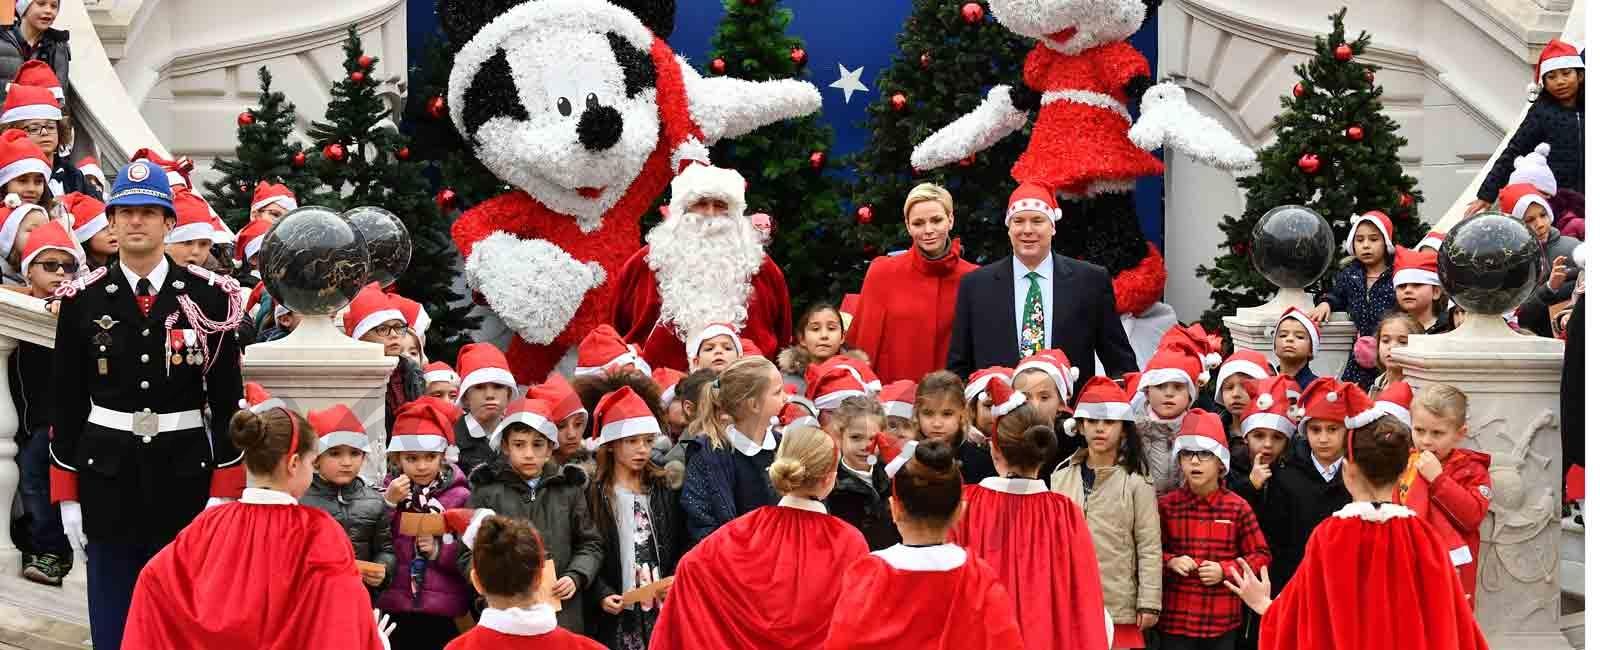 Los príncipes Alberto y Charlene inauguran la Navidad en Mónaco